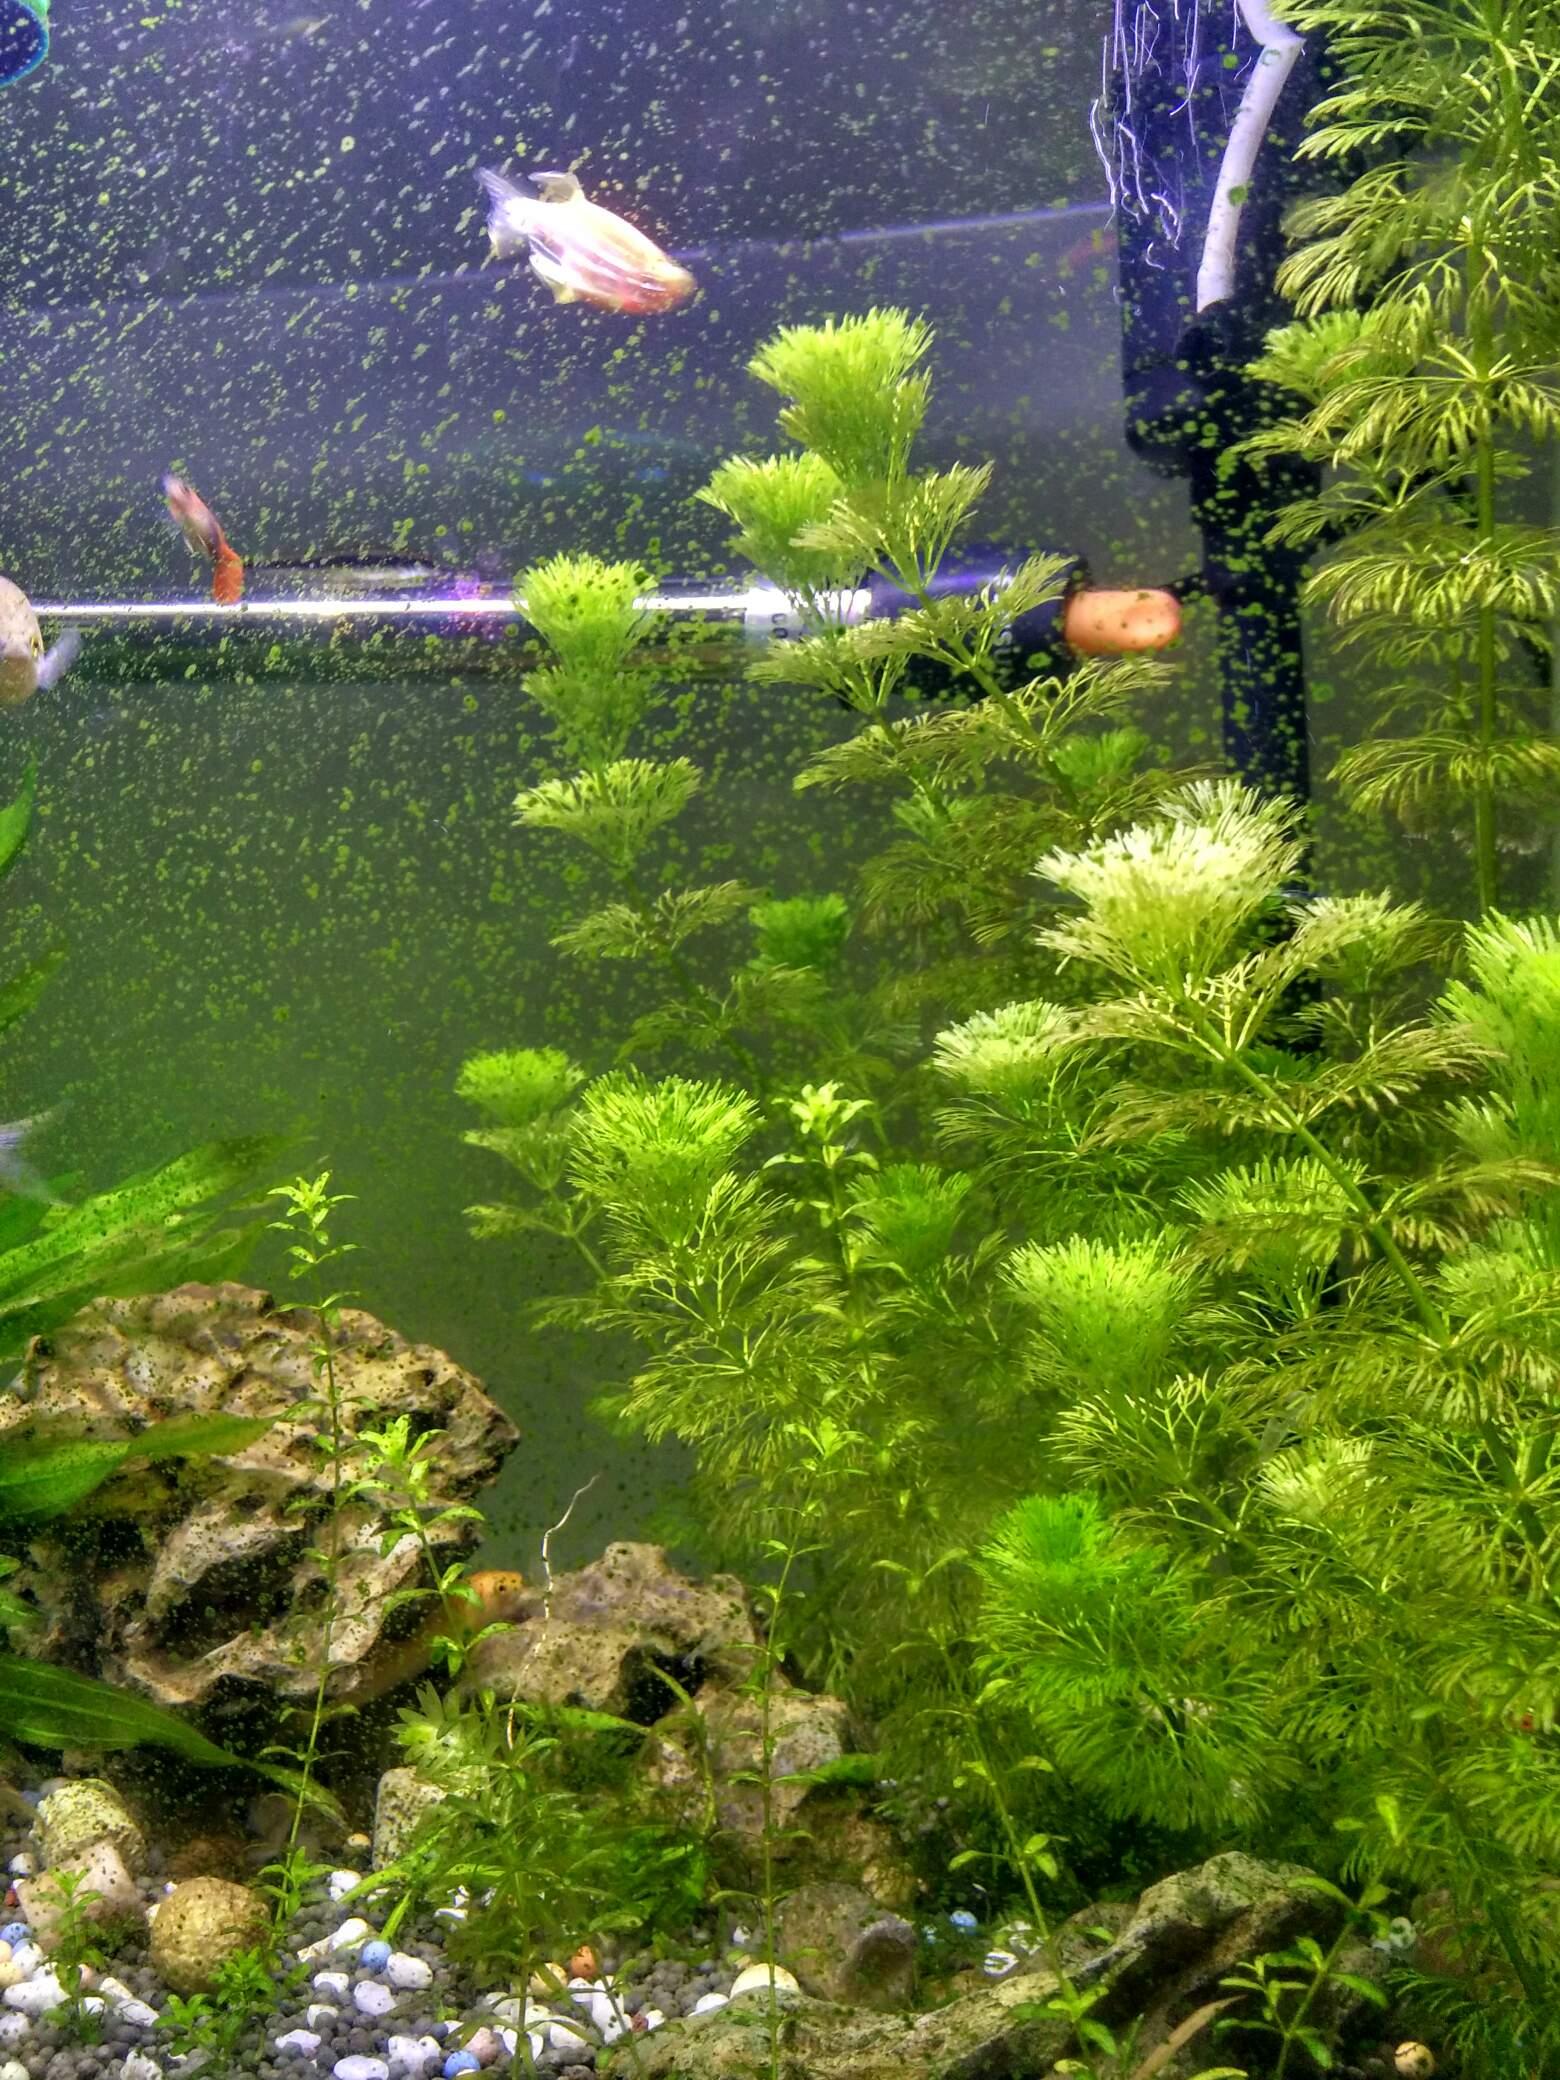 缸壁上的绿色青苔 西安观赏鱼信息 西安博特第1张